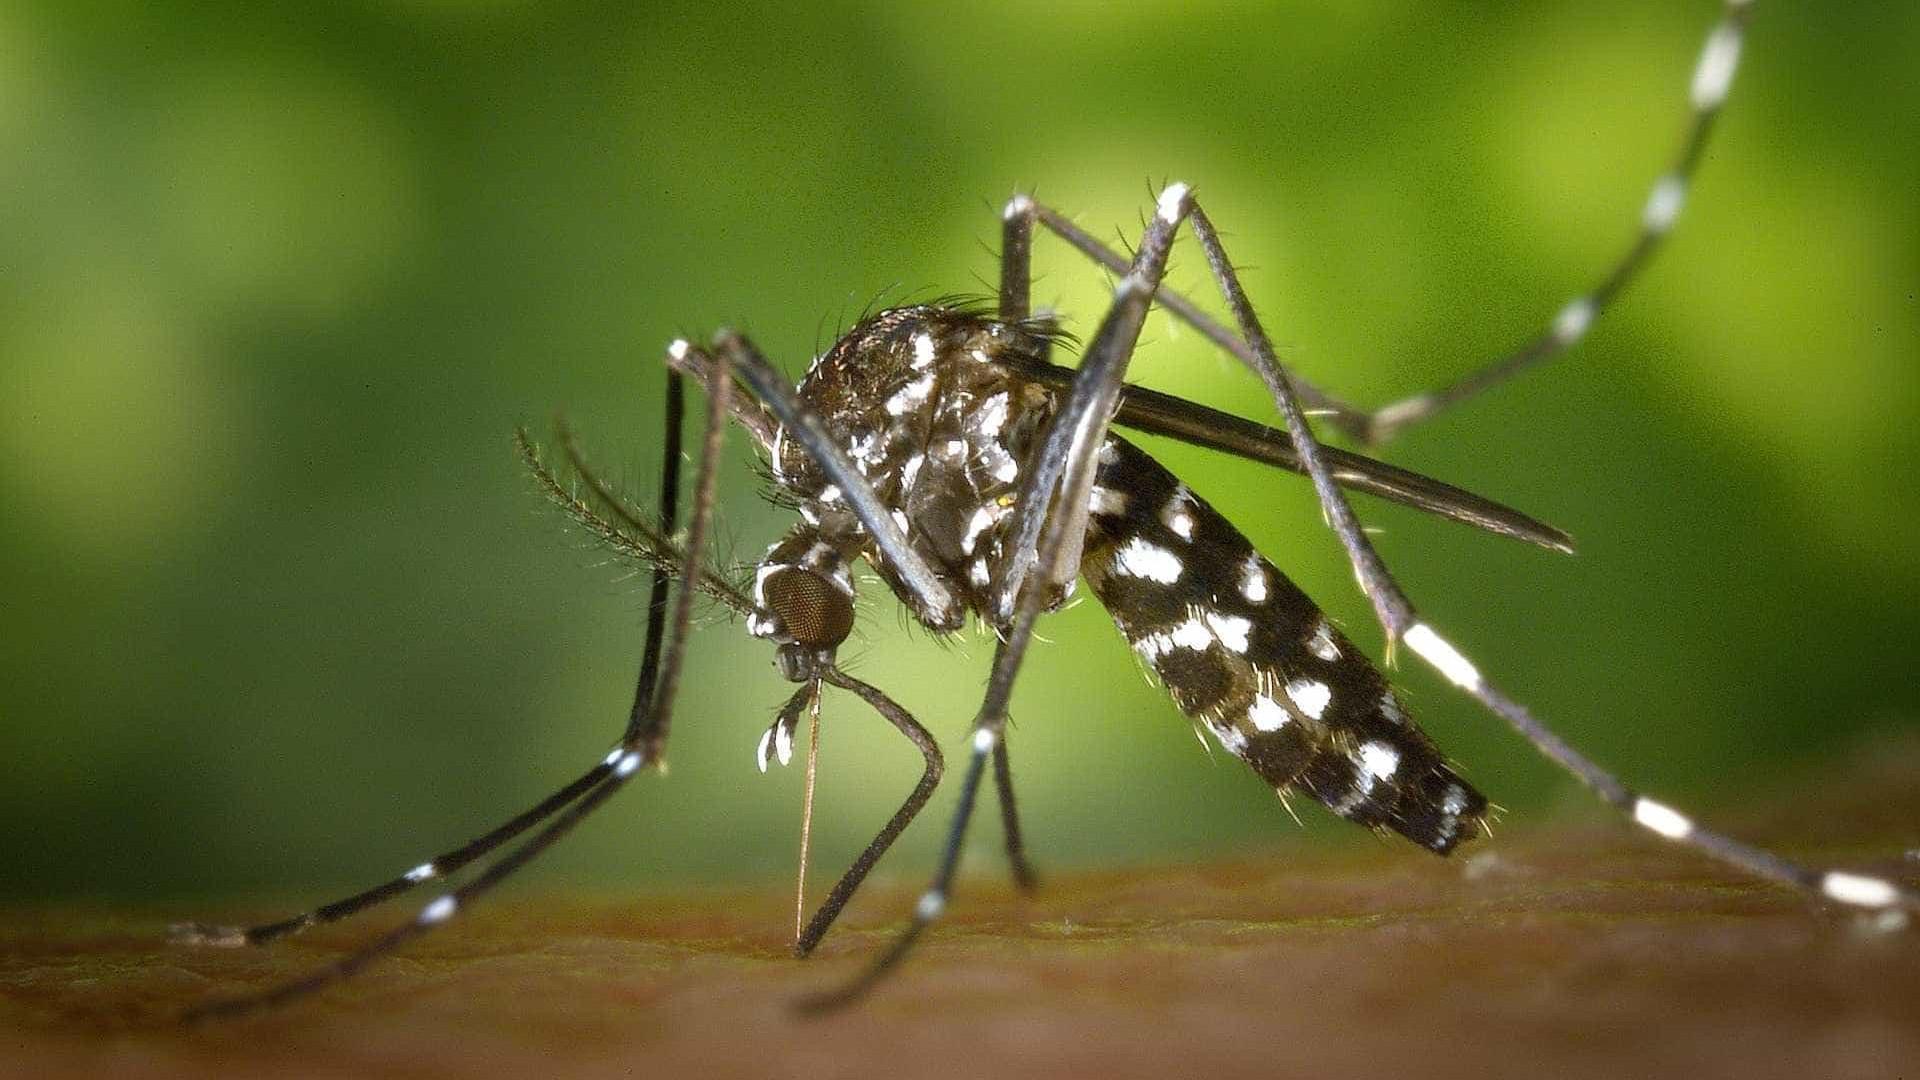 Em 3 meses, casos de chikungunya quase superam total do ano passado